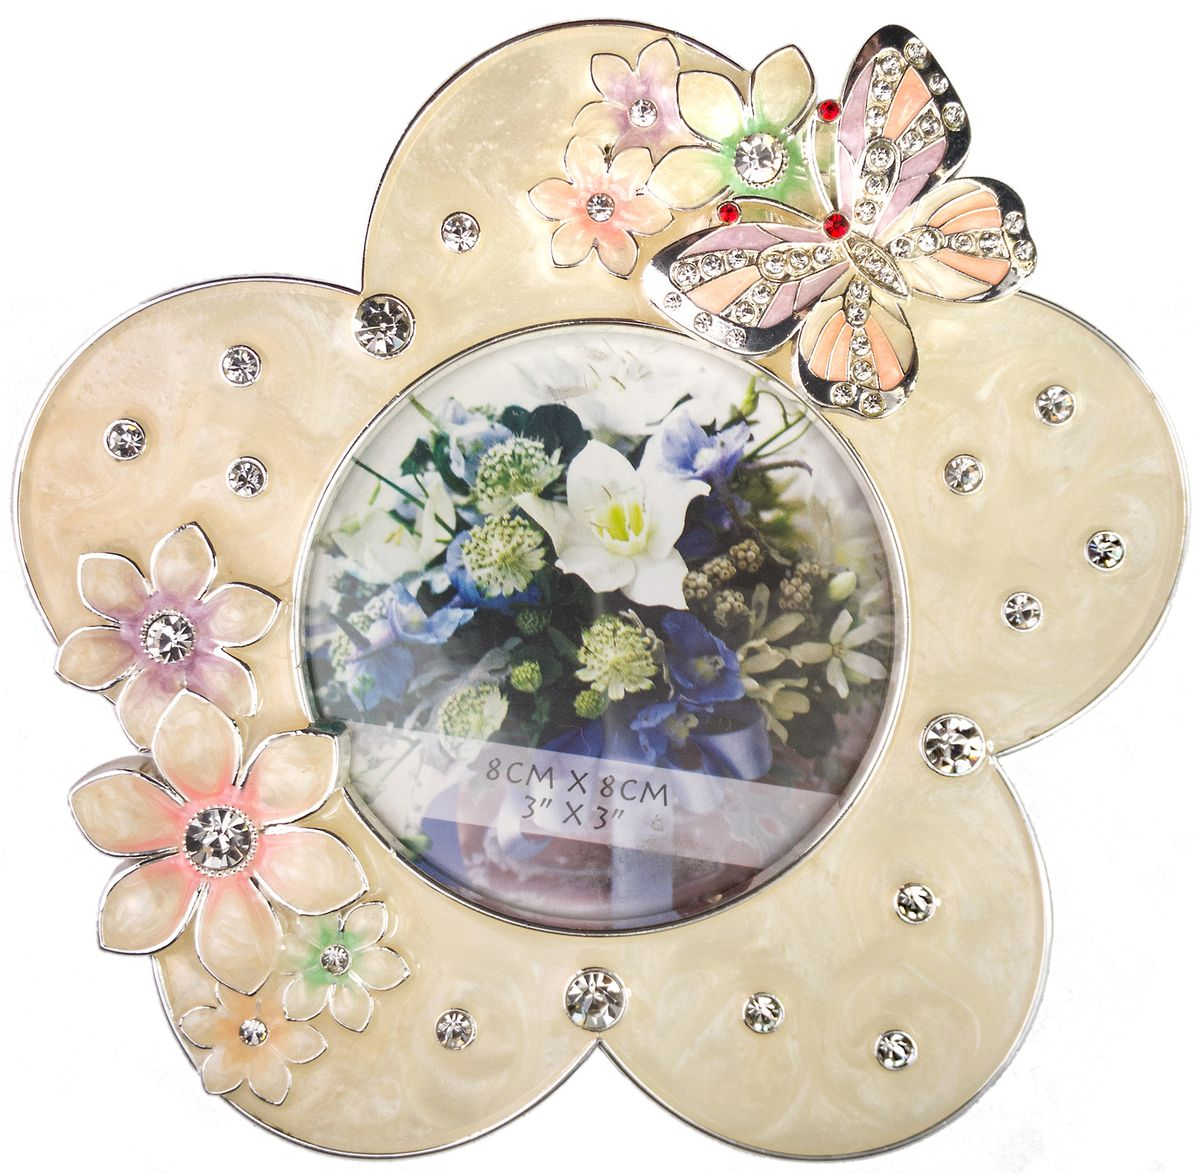 Фоторамка Platinum Цветы, цвет: розовый, 8 х 8 см. PF10562B-3Platinum JW61-007 МОНЦА-СВЕТЛОЕ ЗОЛОТО 30x40Декоративная фоторамка Platinum Цветы выполнена из металла в виде цветочка с бабочкой. Фоторамка украшена стразами и декоративной глазурью. Изысканная и эффектная, эта потрясающая рамочка покорит своей красотой и изумительным качеством исполнения. Фоторамка подходит для фотографий 8 х 8 см.Общий размер фоторамки: 13 х 1,5 х 13 см.